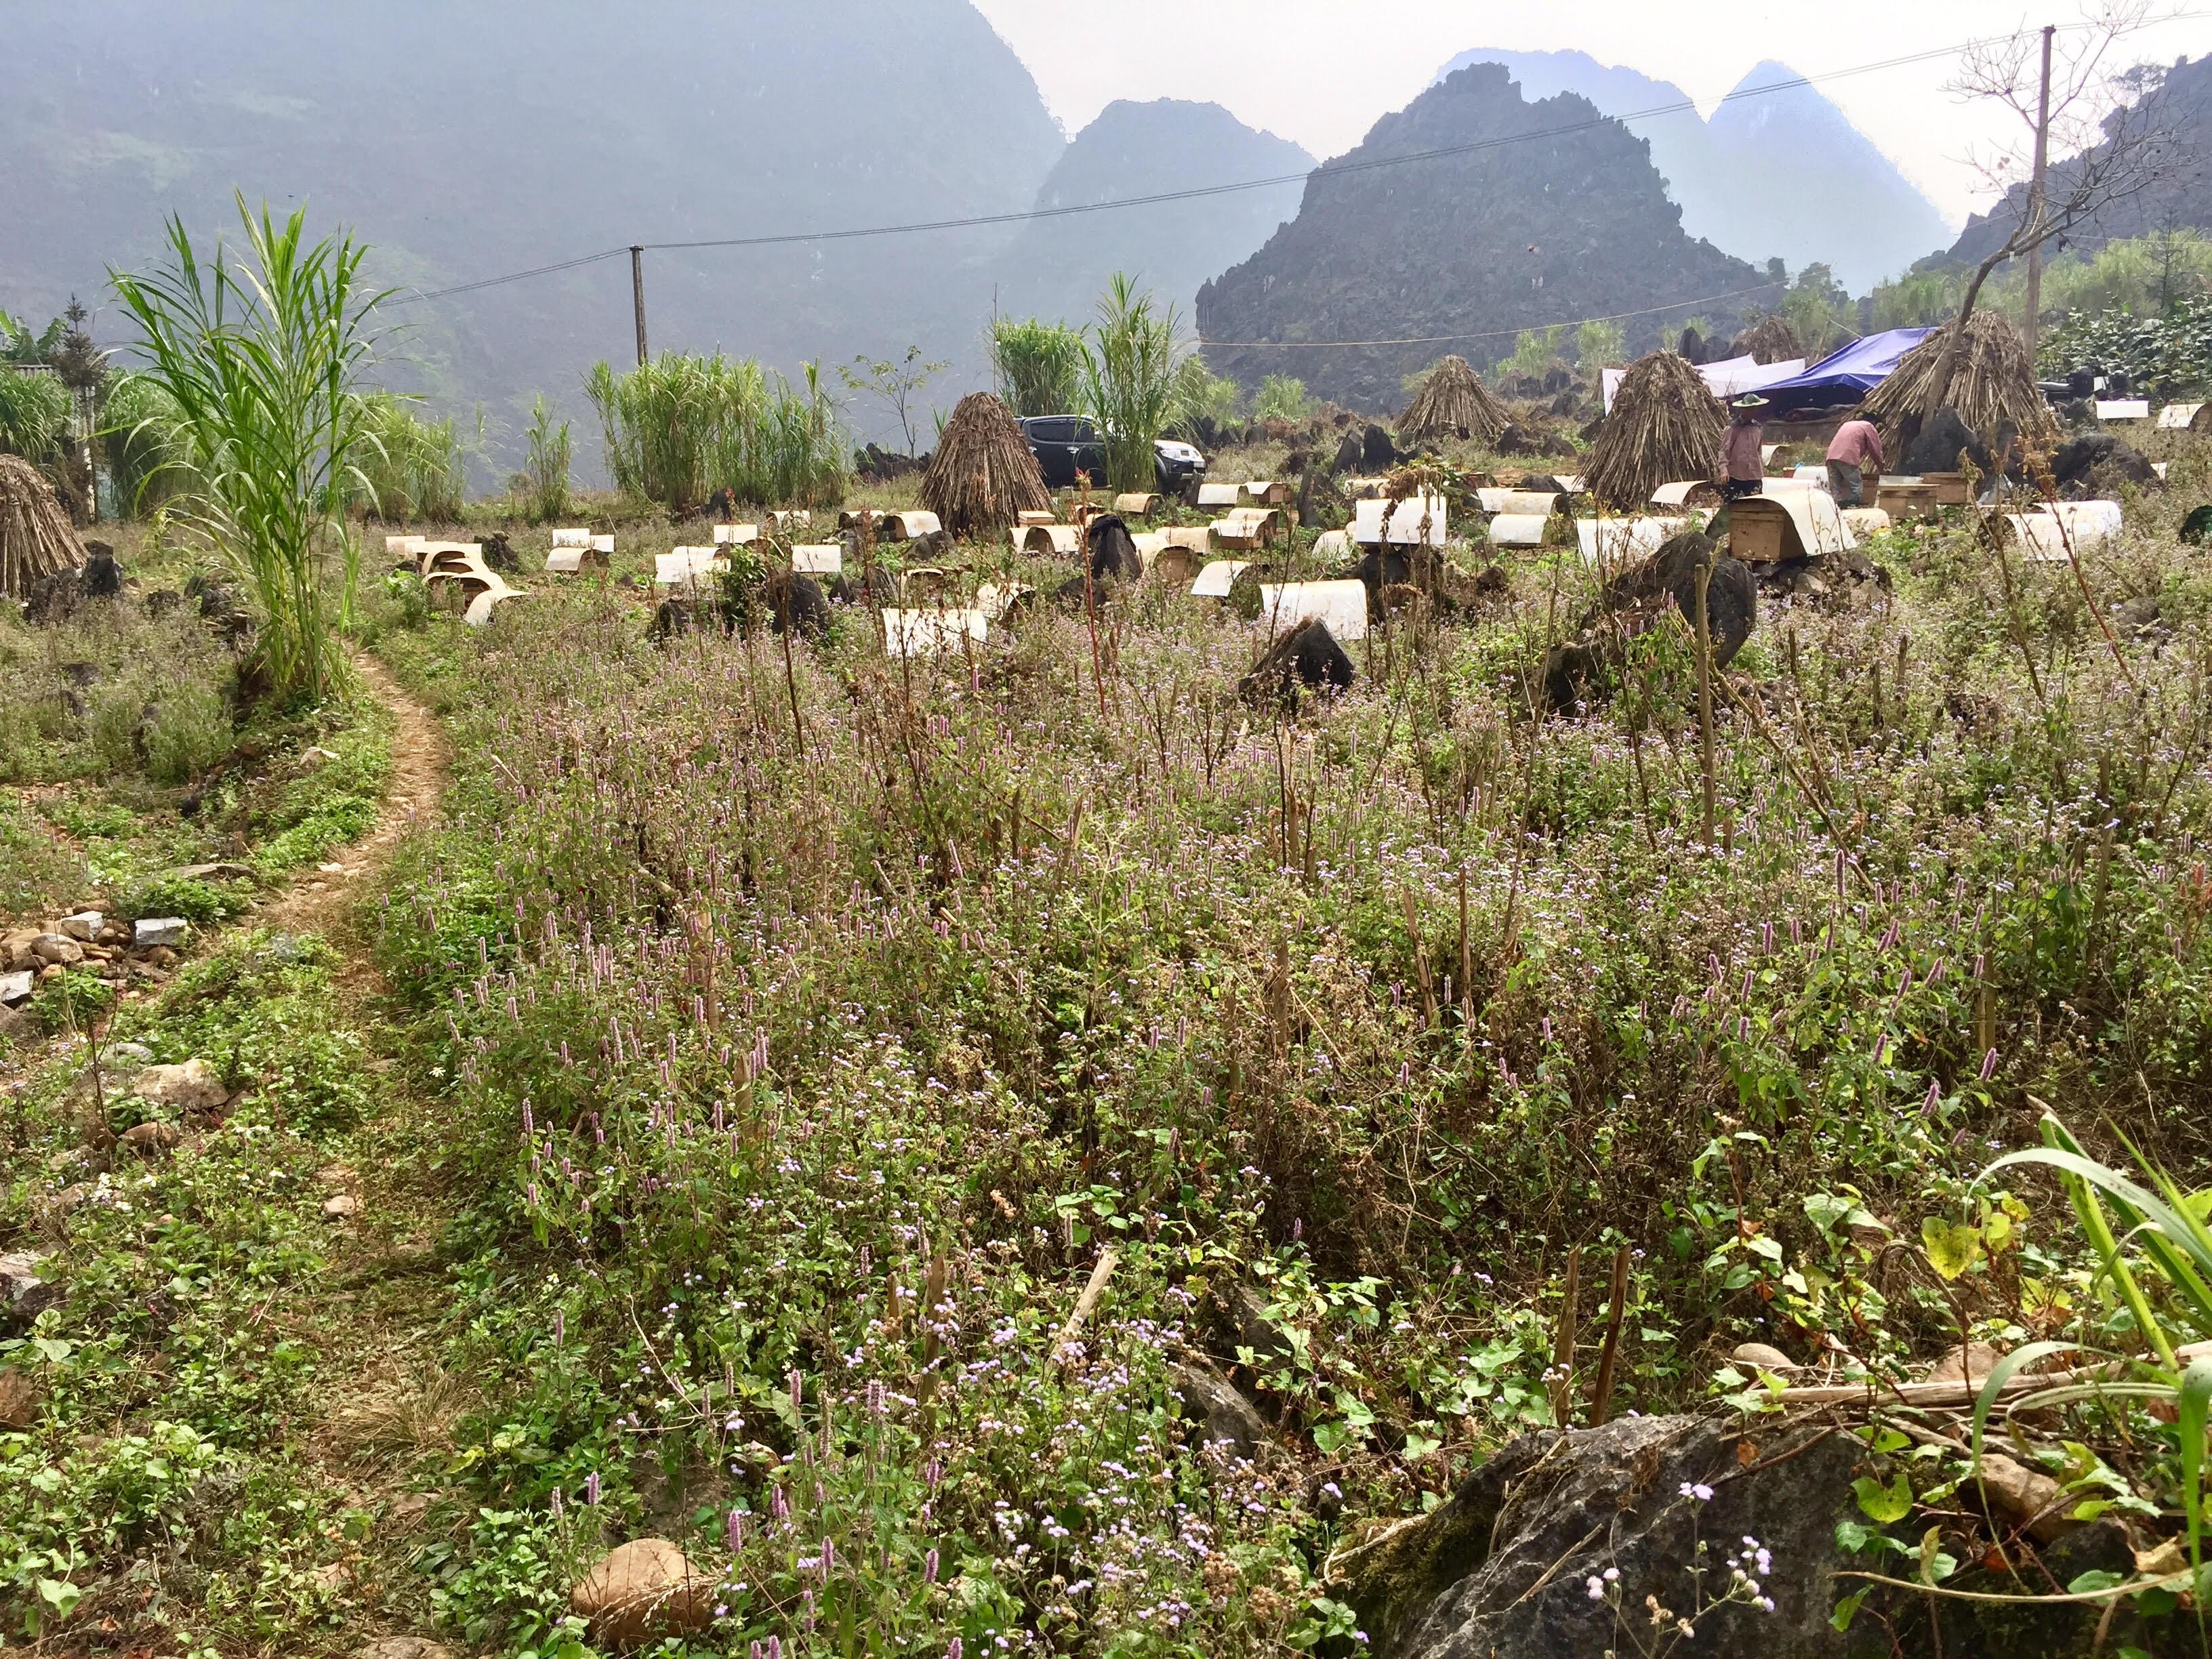 Cây hoa bạc hà Đồng Văn có trồng ở các tỉnh được không